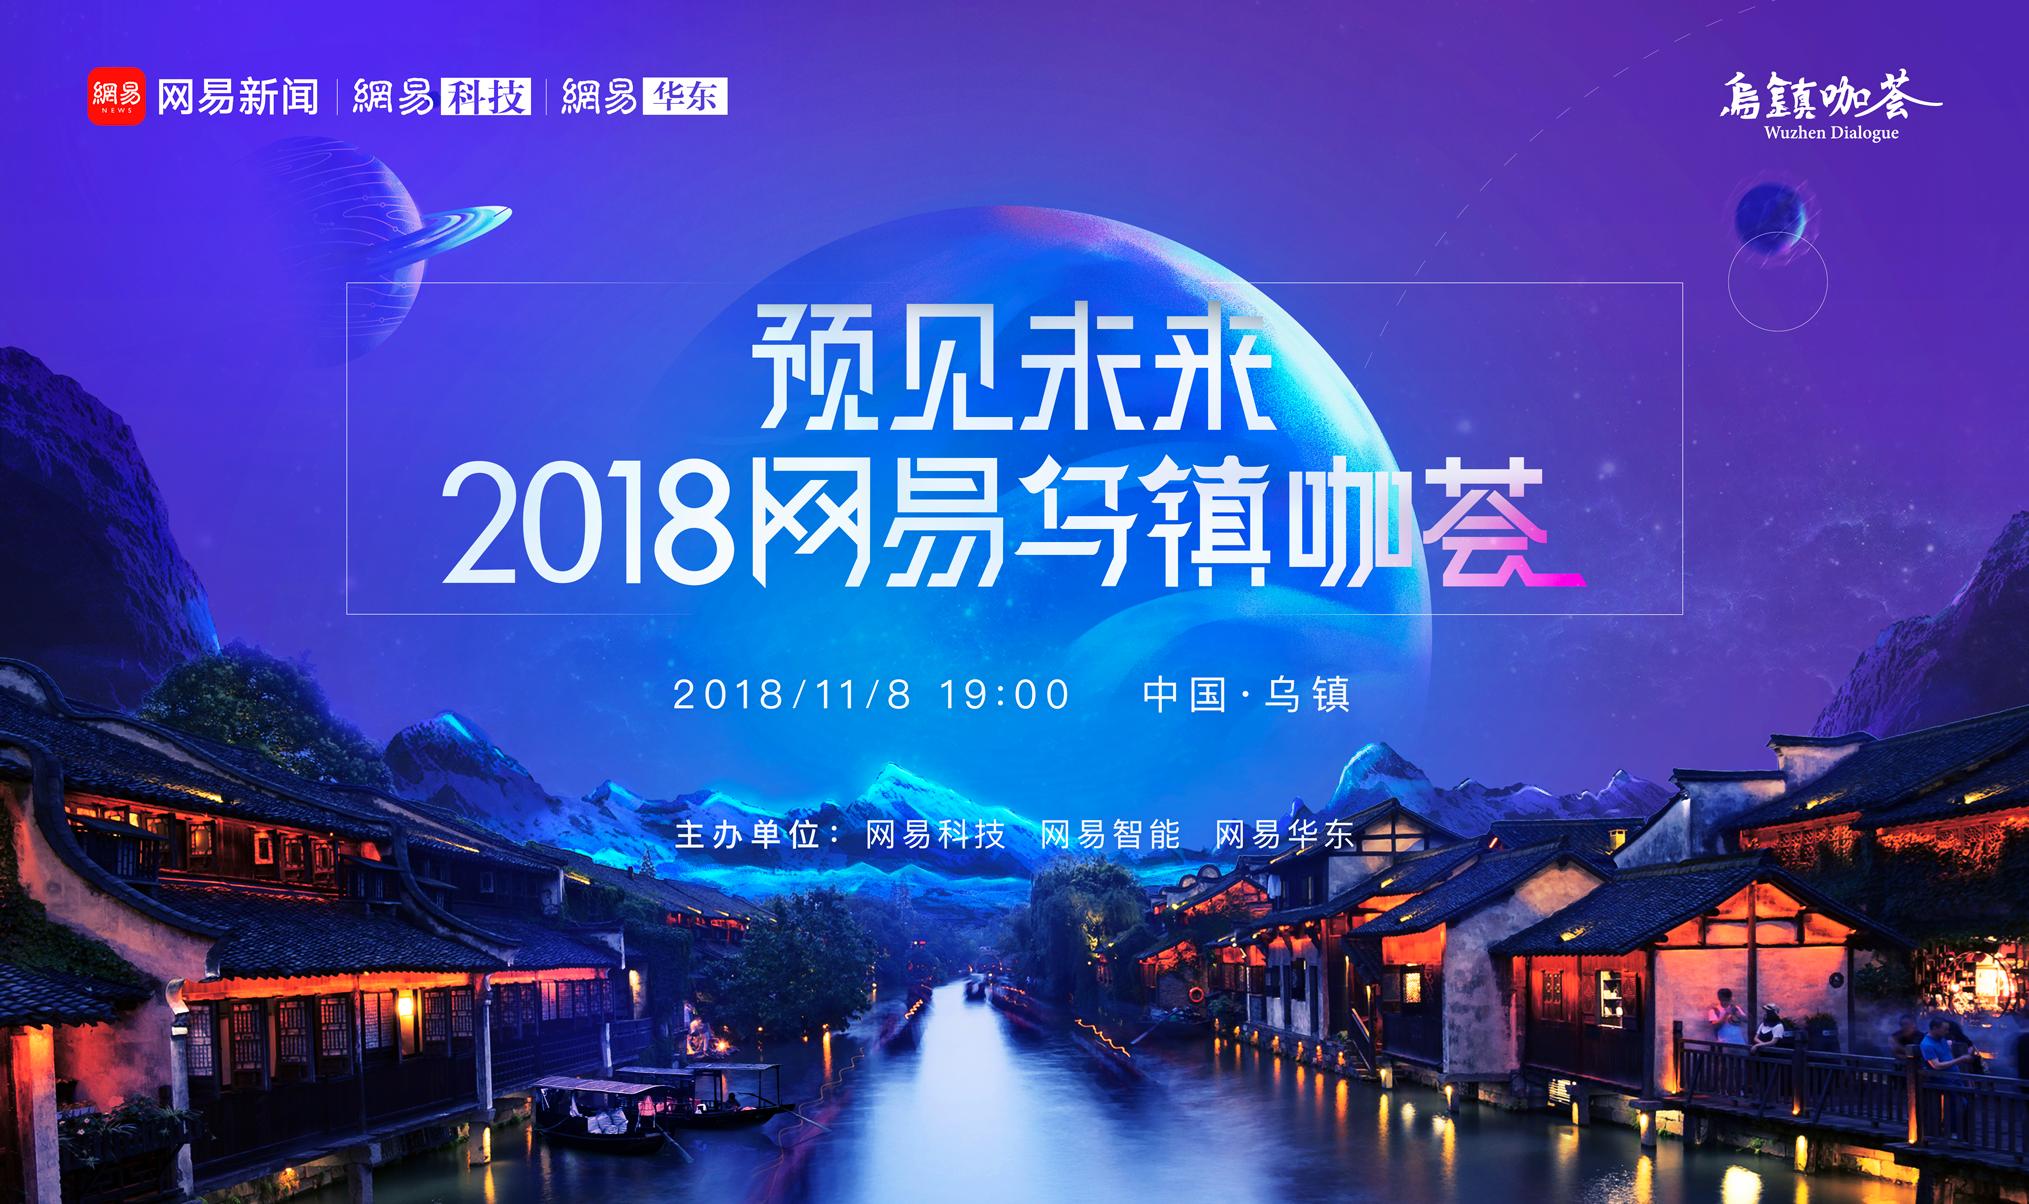 预见未来!网易2018乌镇咖荟11月8日举行